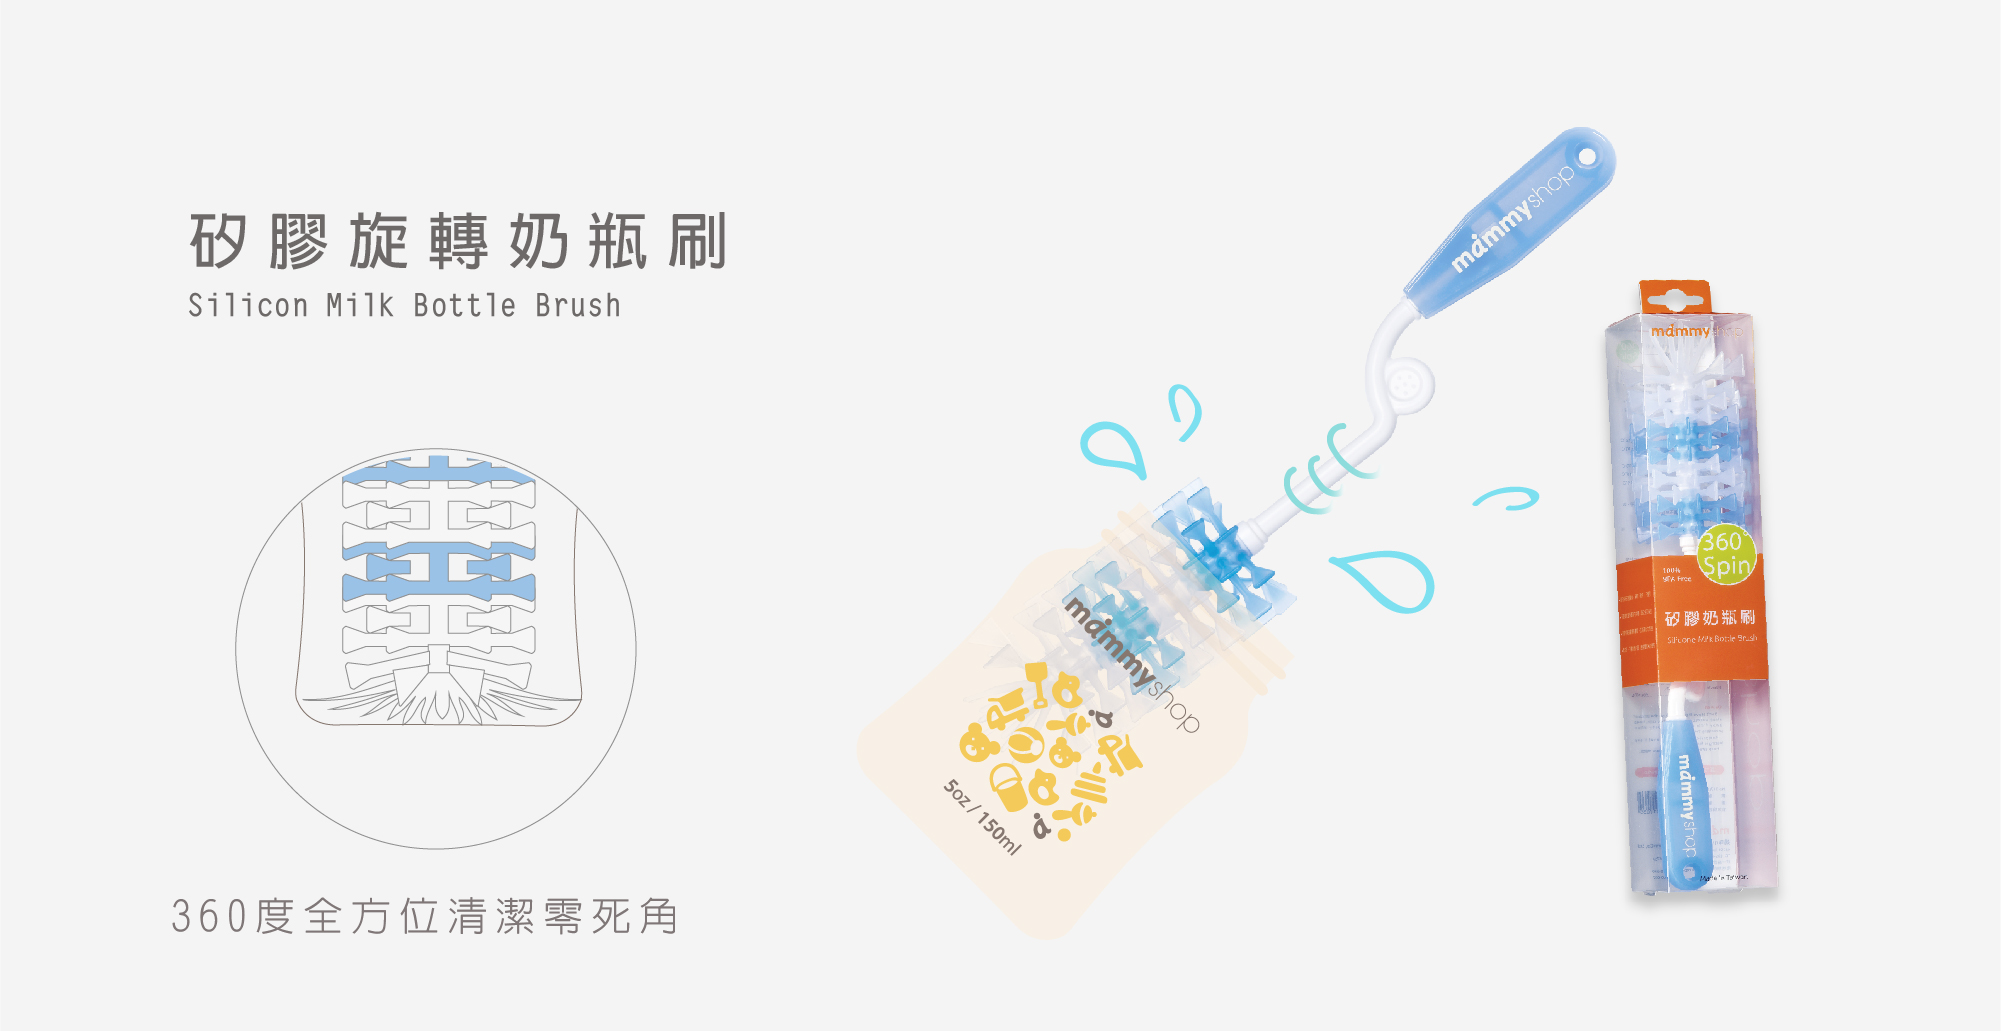 潔淨密碼-矽膠旋轉奶瓶刷-1980x1020px